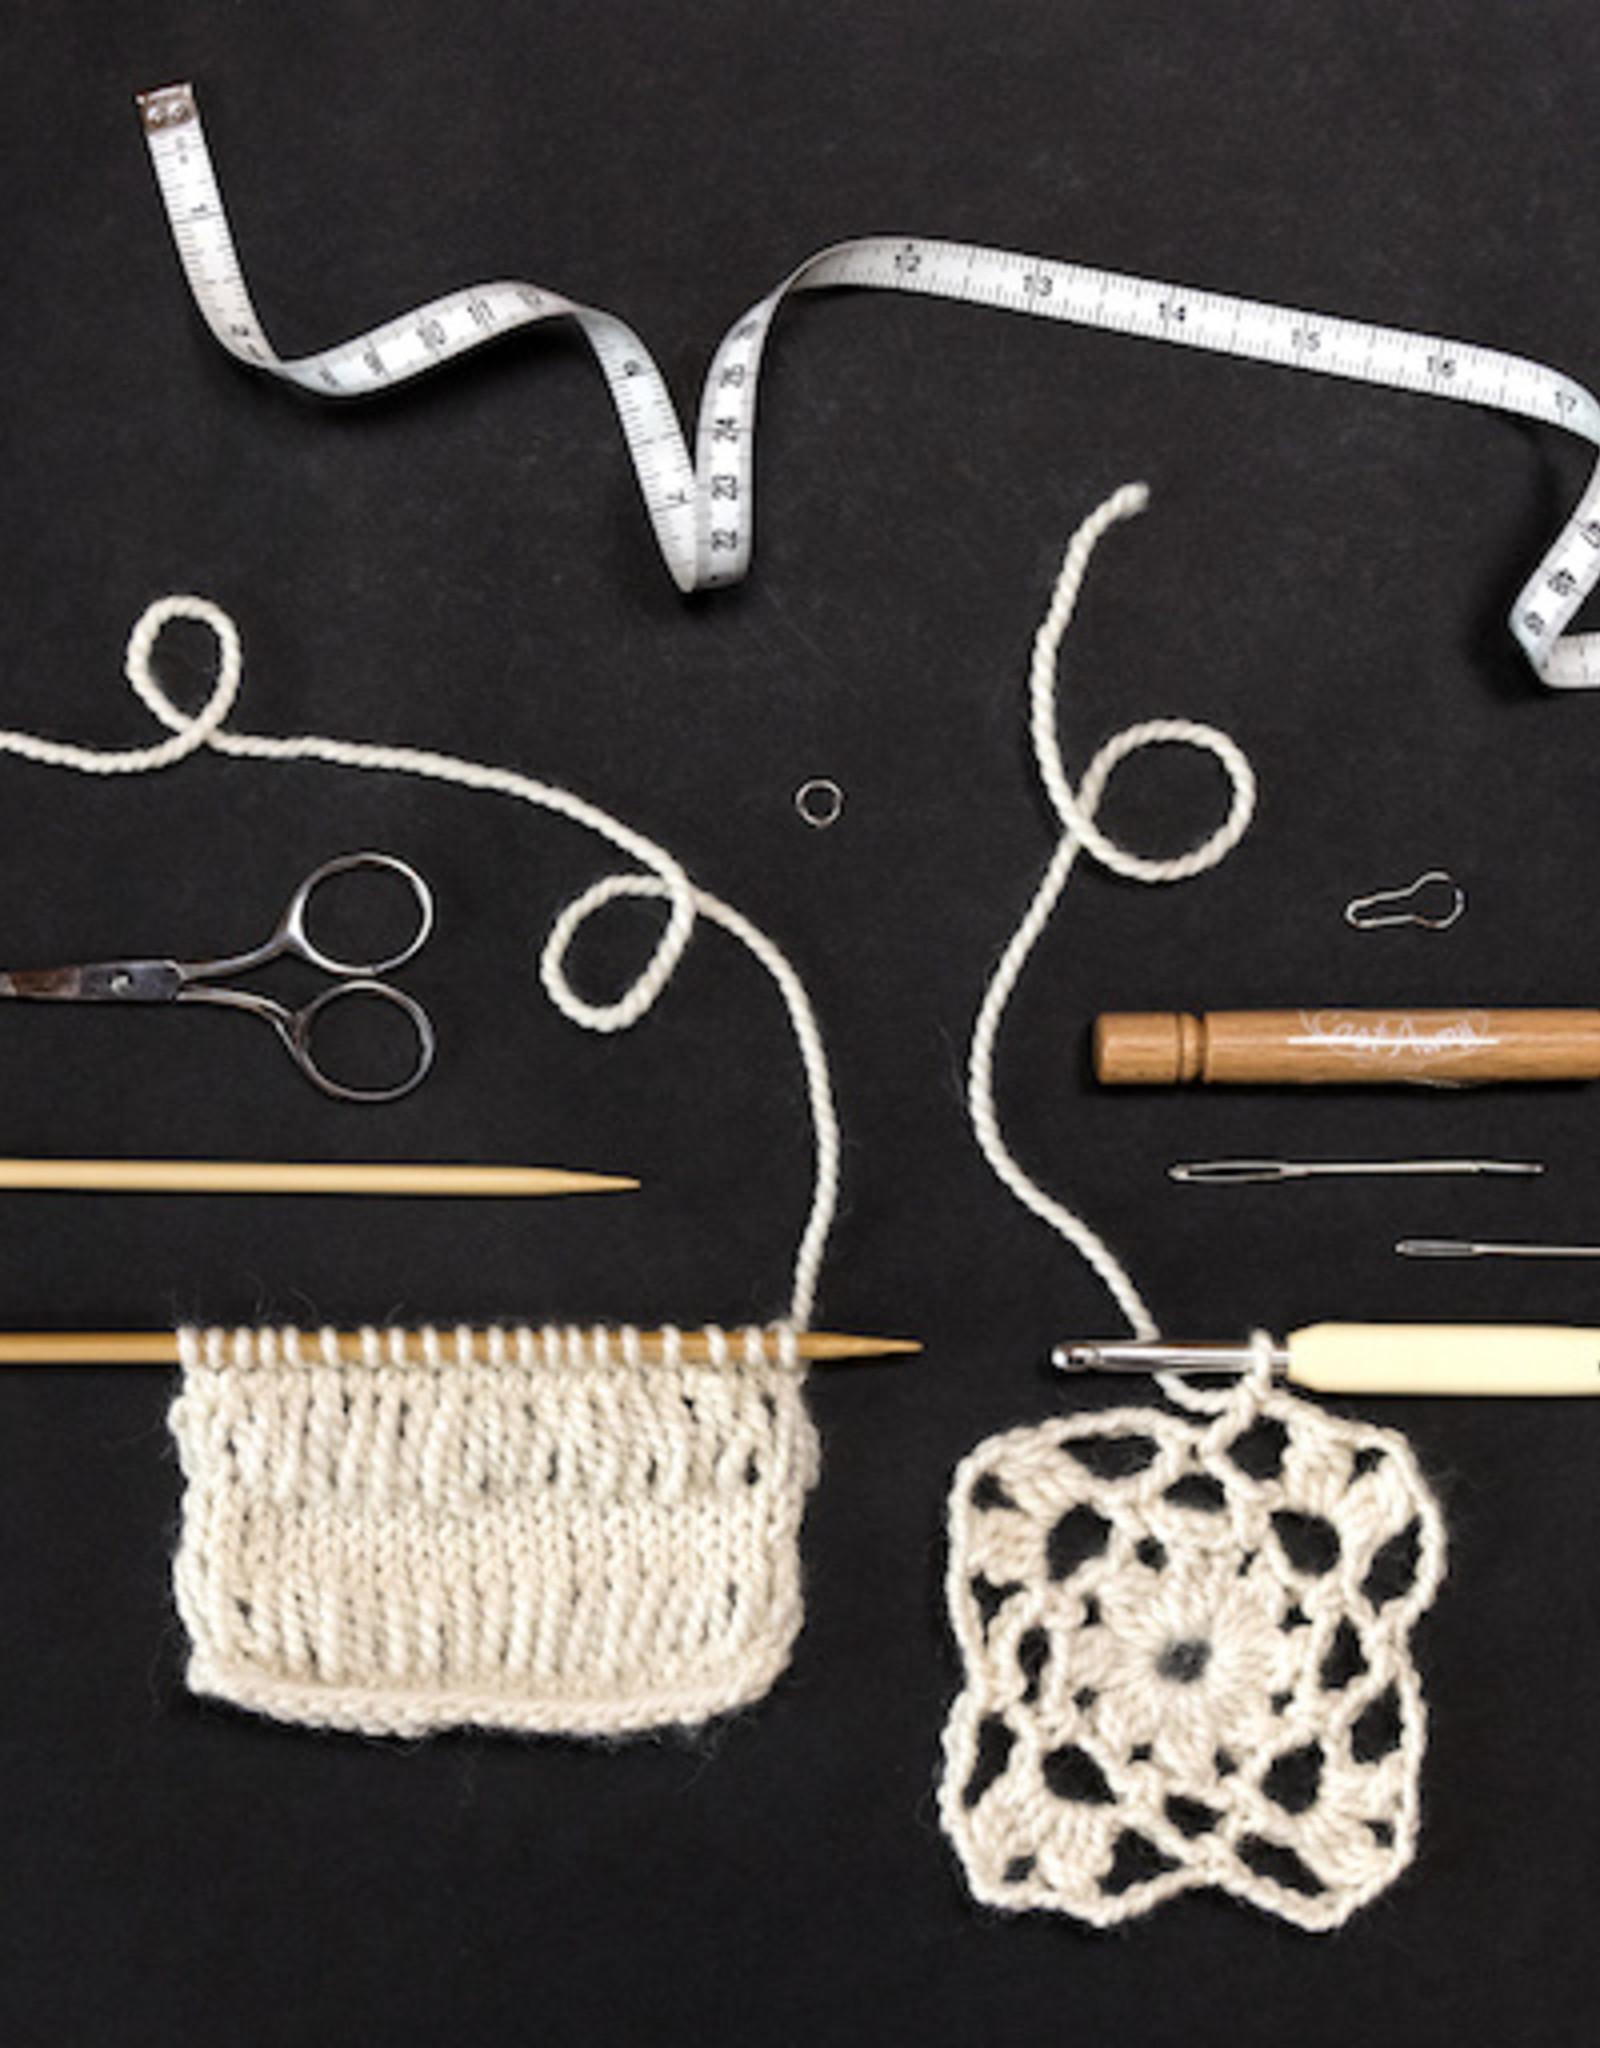 Cast Away Knitting Help Class- 30 minutes